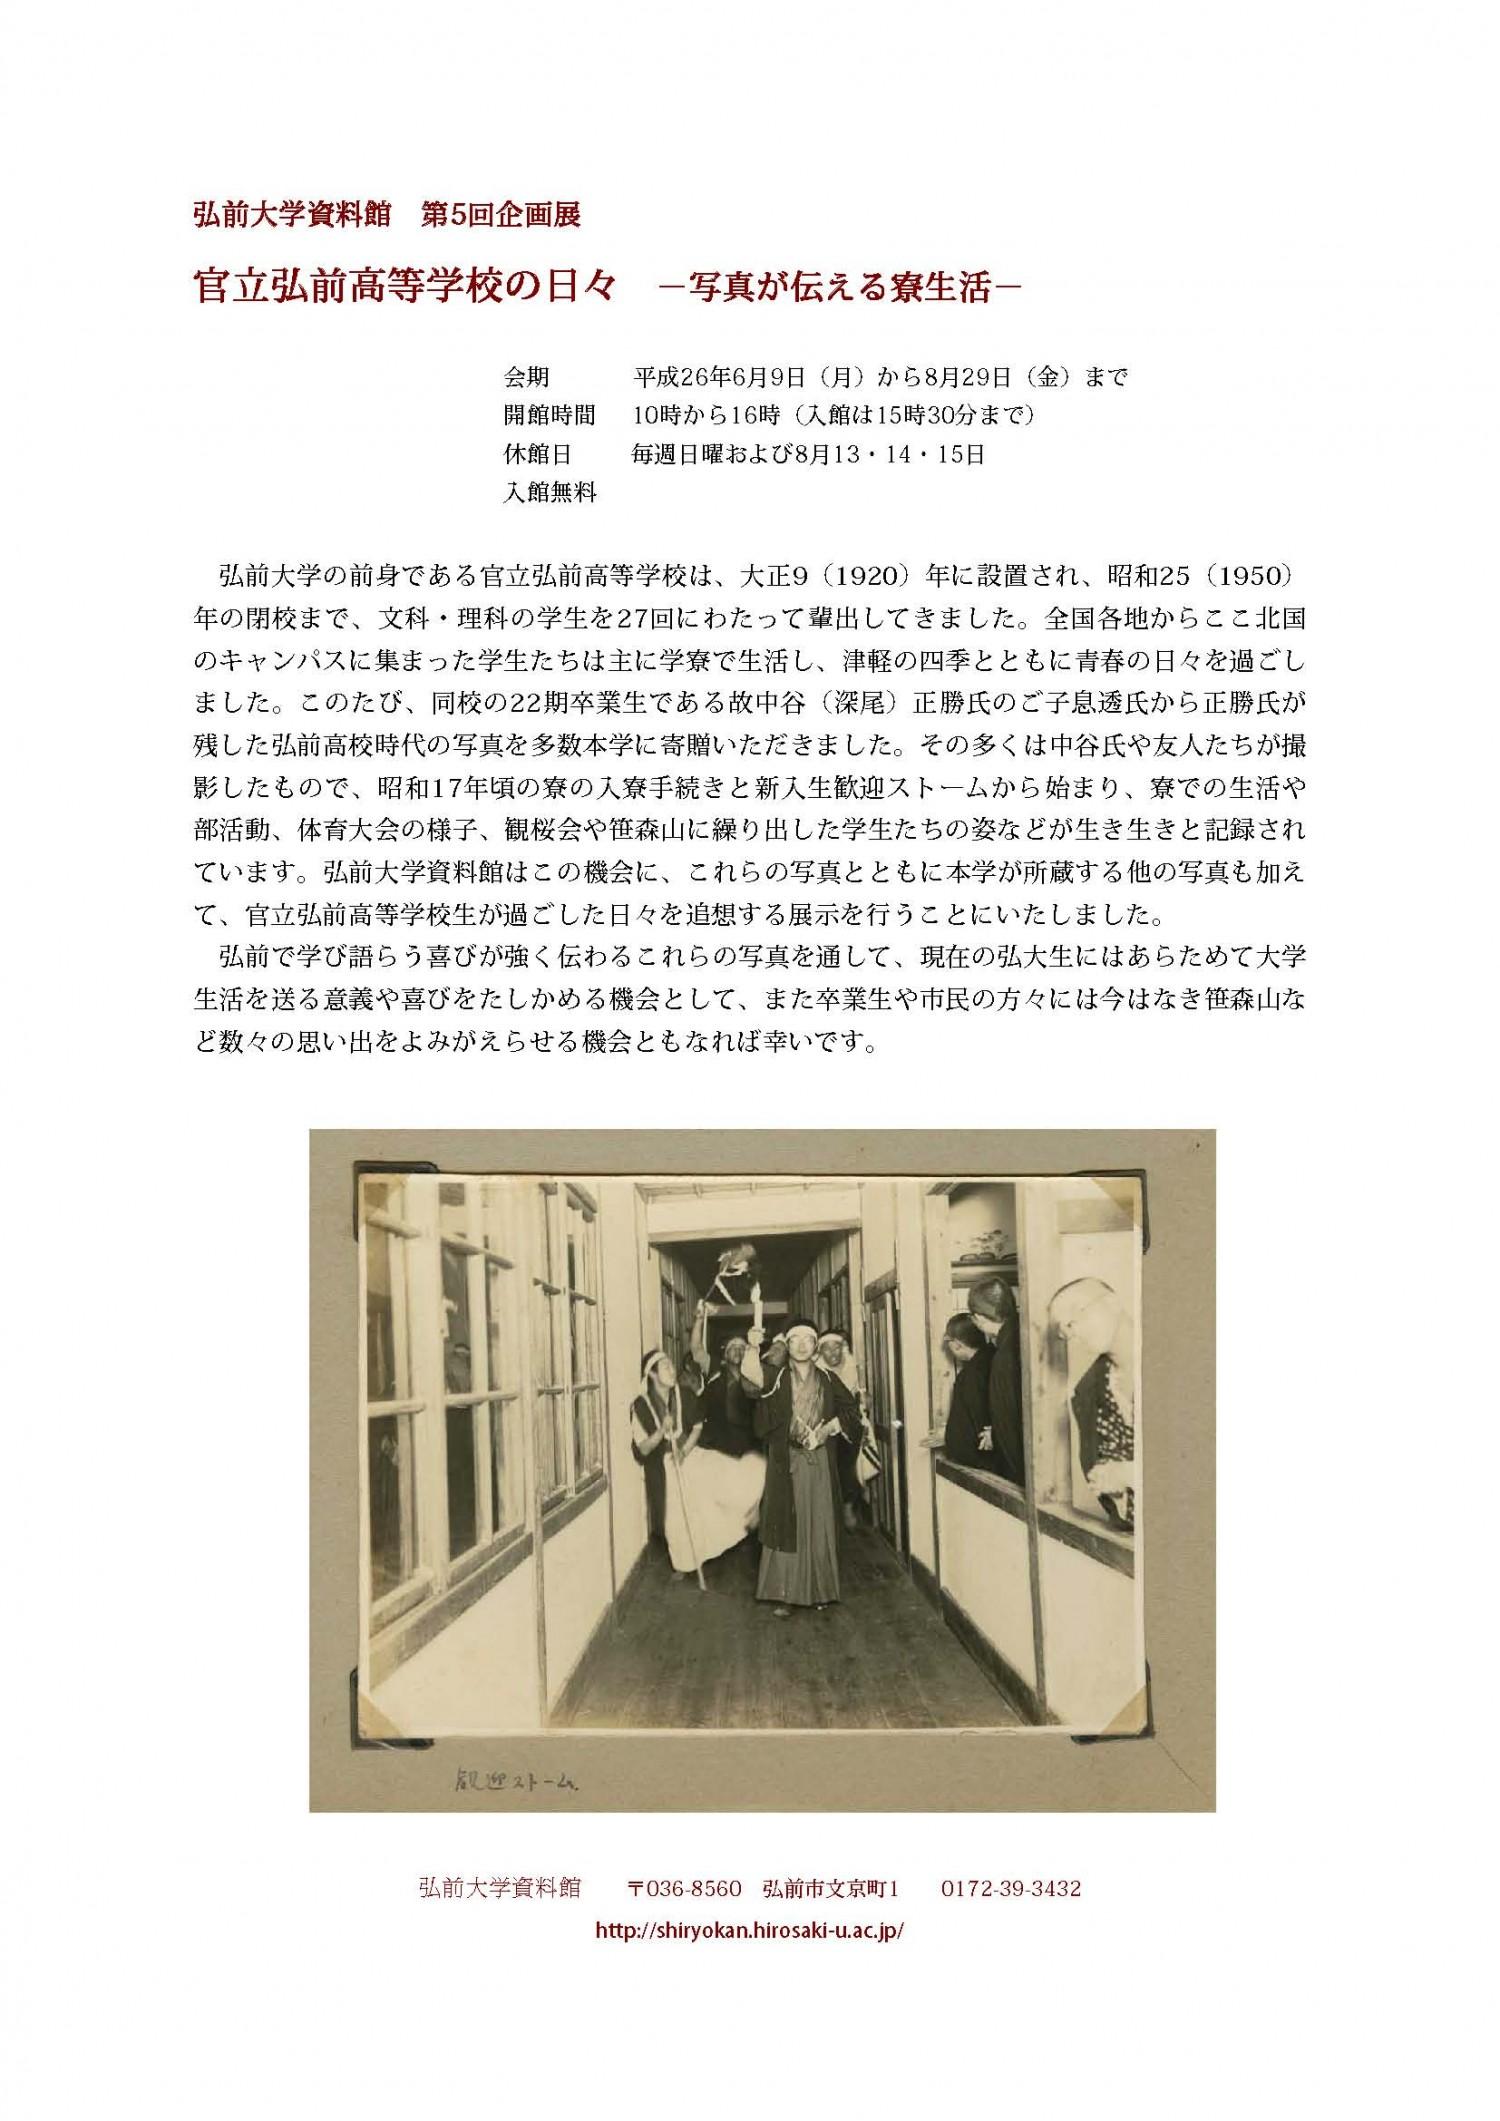 弘前大学資料館 第5回企画展